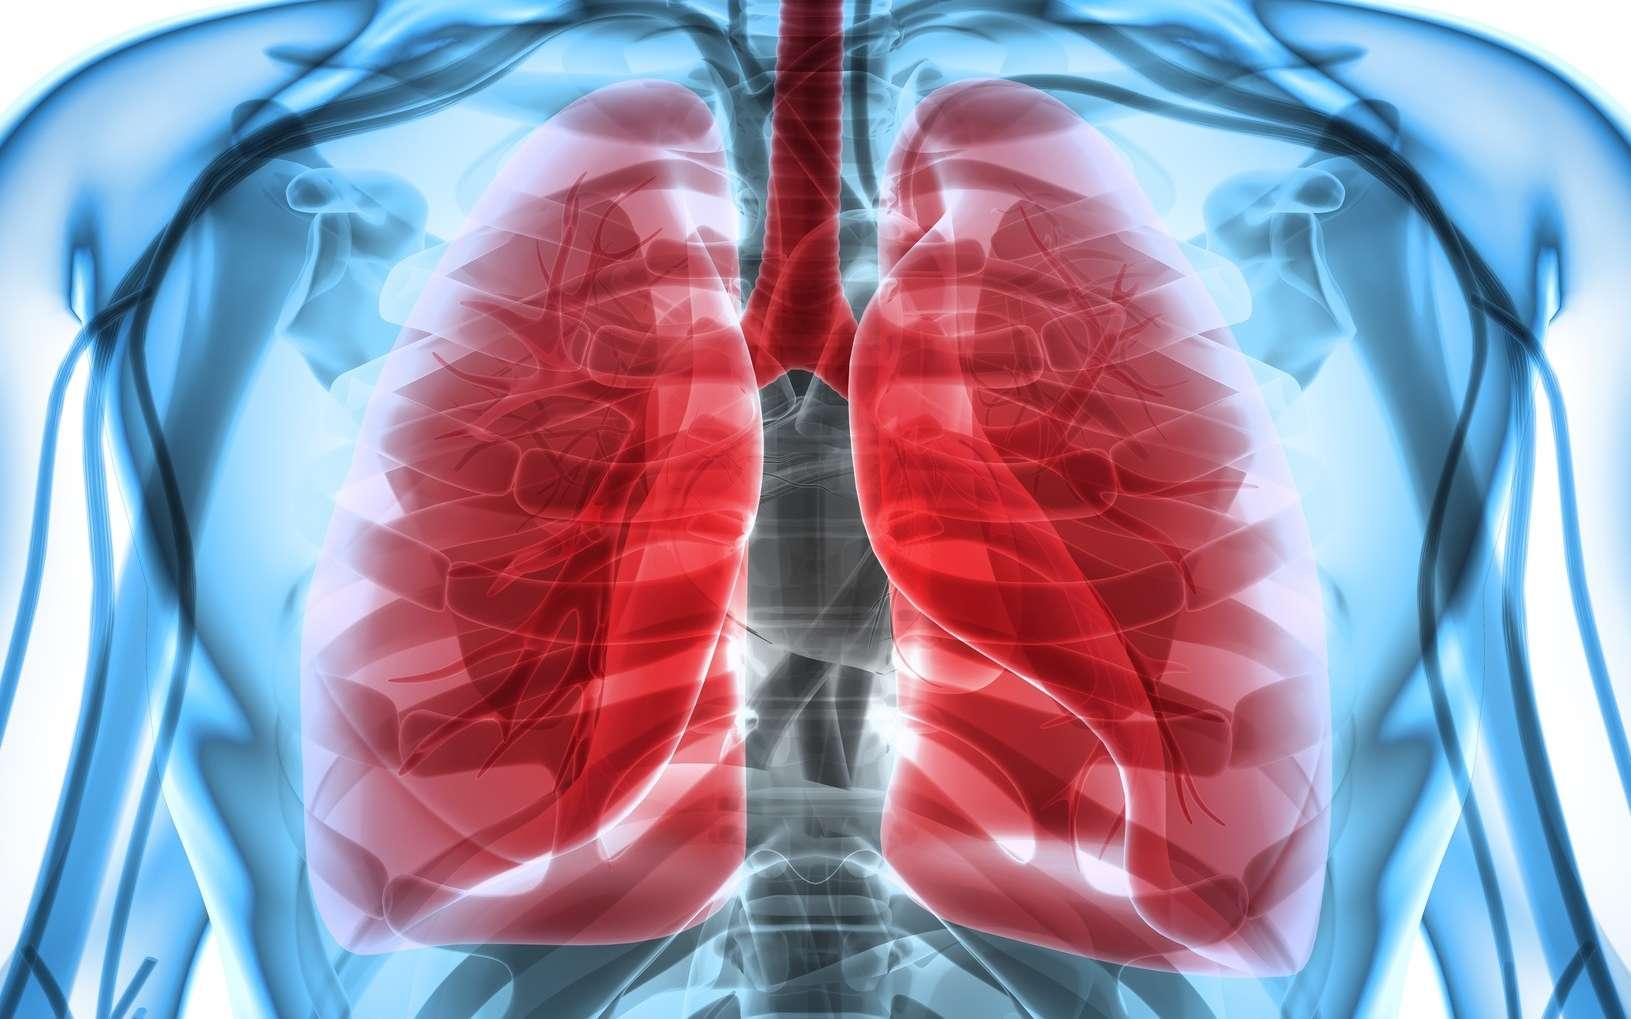 Les patients atteints de mucoviscidose sécrètent un mucus épais, ce qui favorise des infections respiratoires. © yodiyim, Fotolia